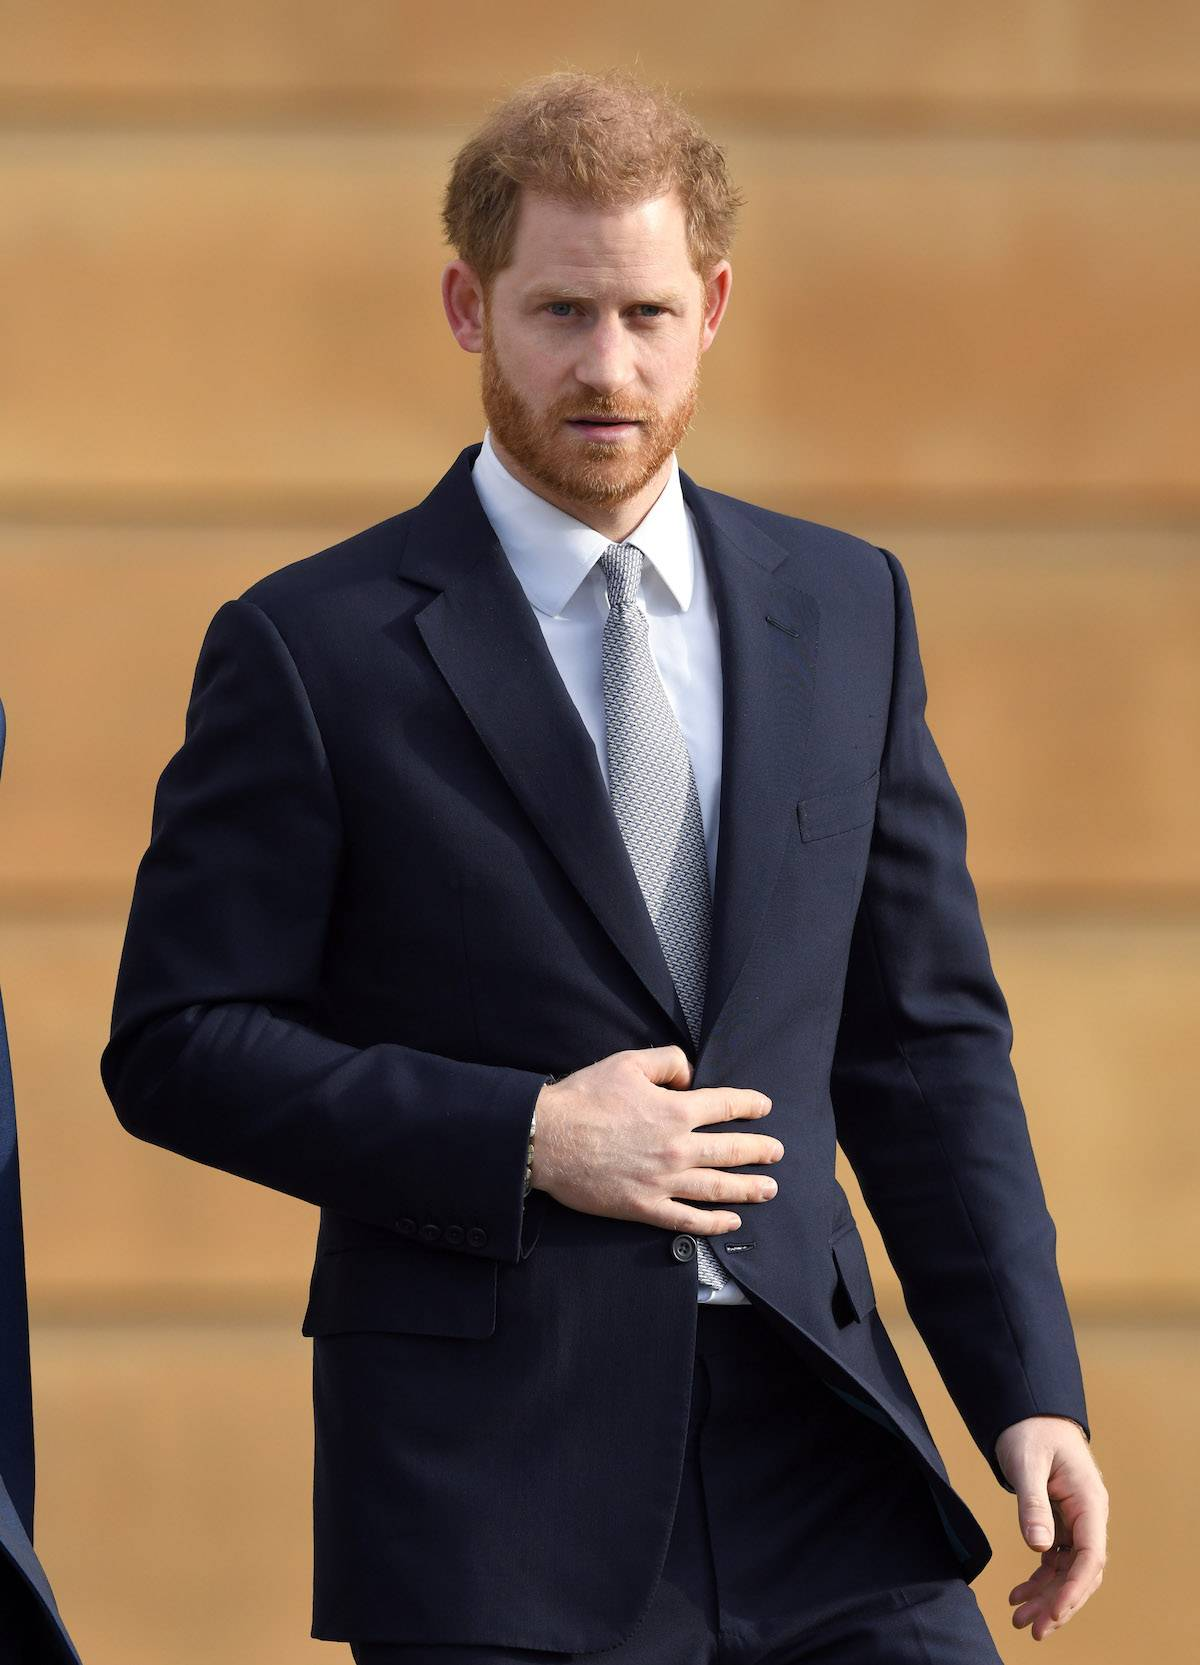 Książę Harry tłumaczy swoją decyzję